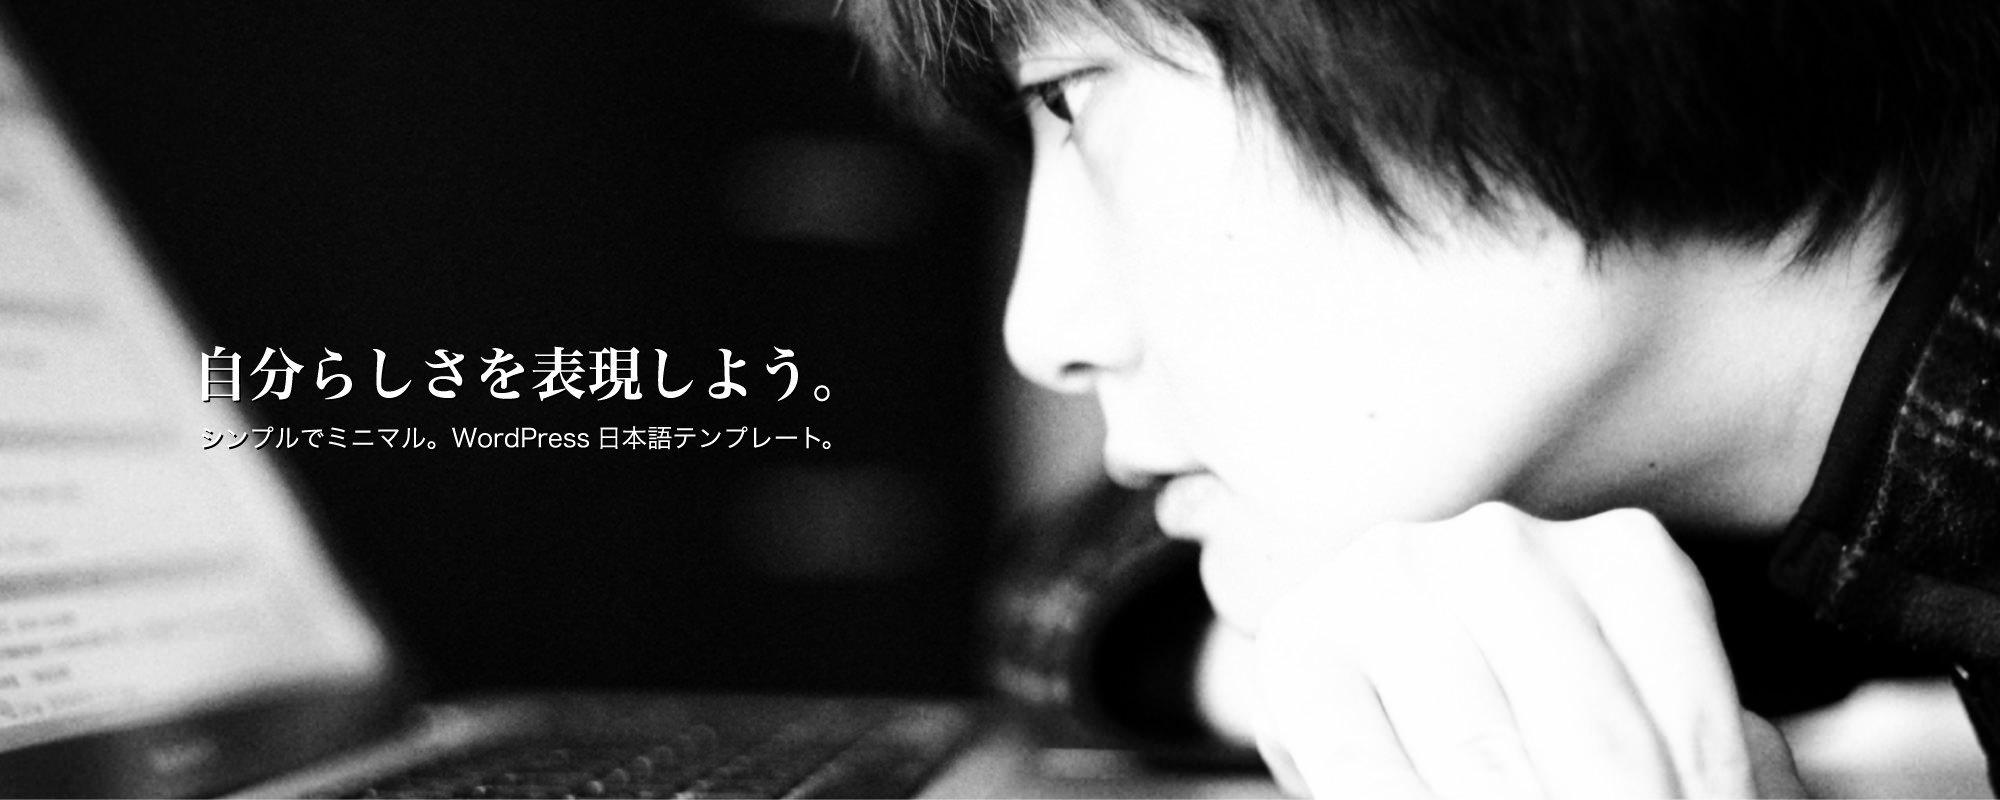 ワードプレステンプレート Minimal WP | シンプルでおしゃれな日本語WordPressテーマ